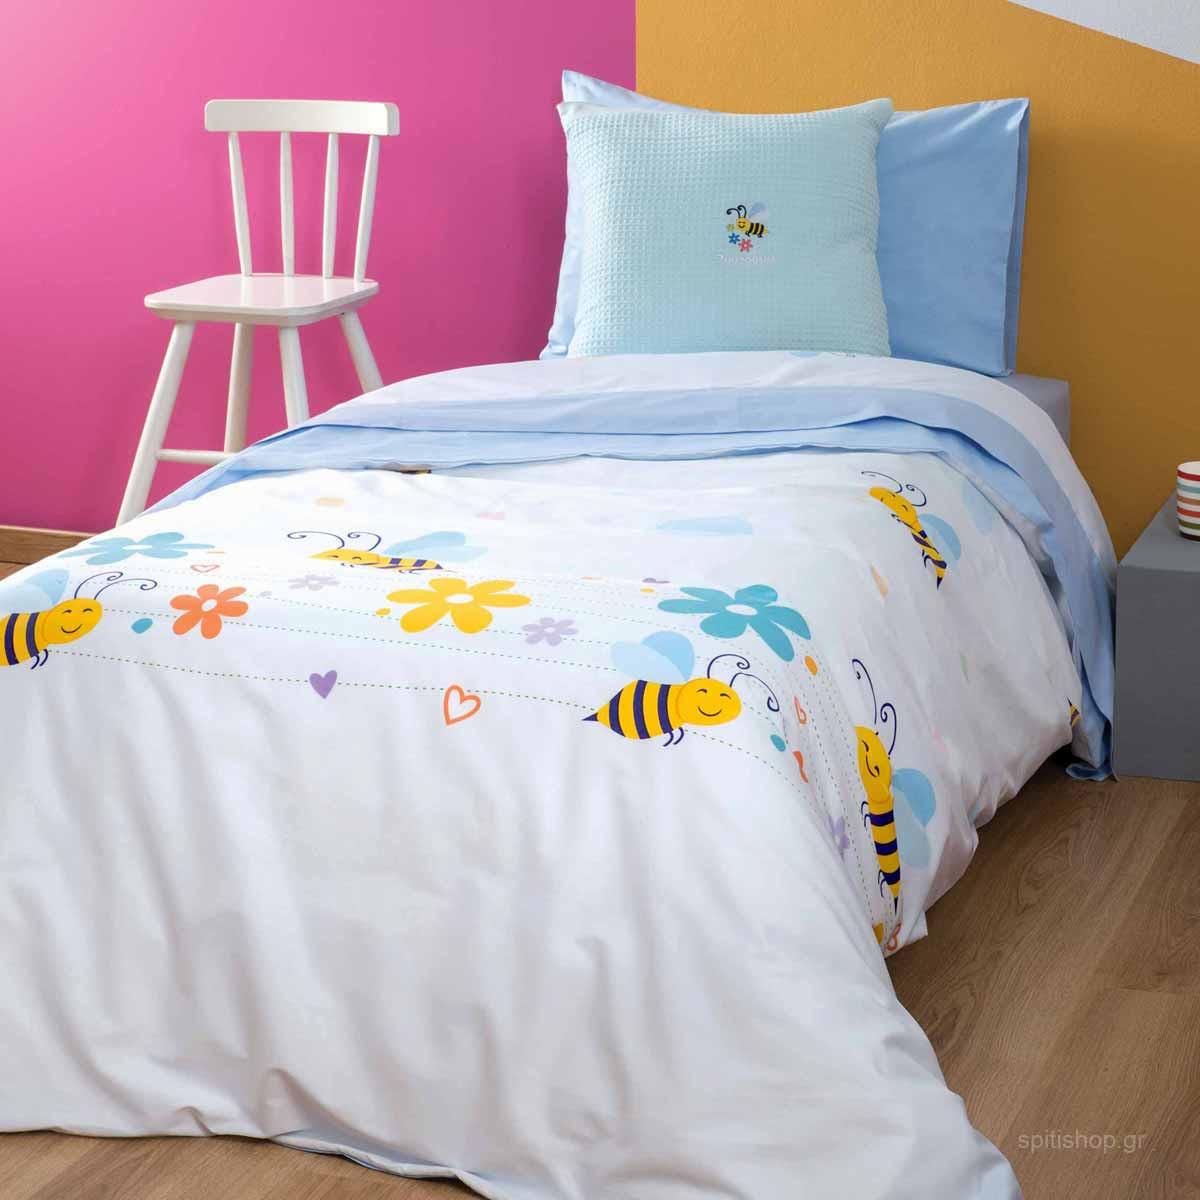 Παπλωματοθήκη Μονή (Σετ) Zouzounia Μέλισσα 031